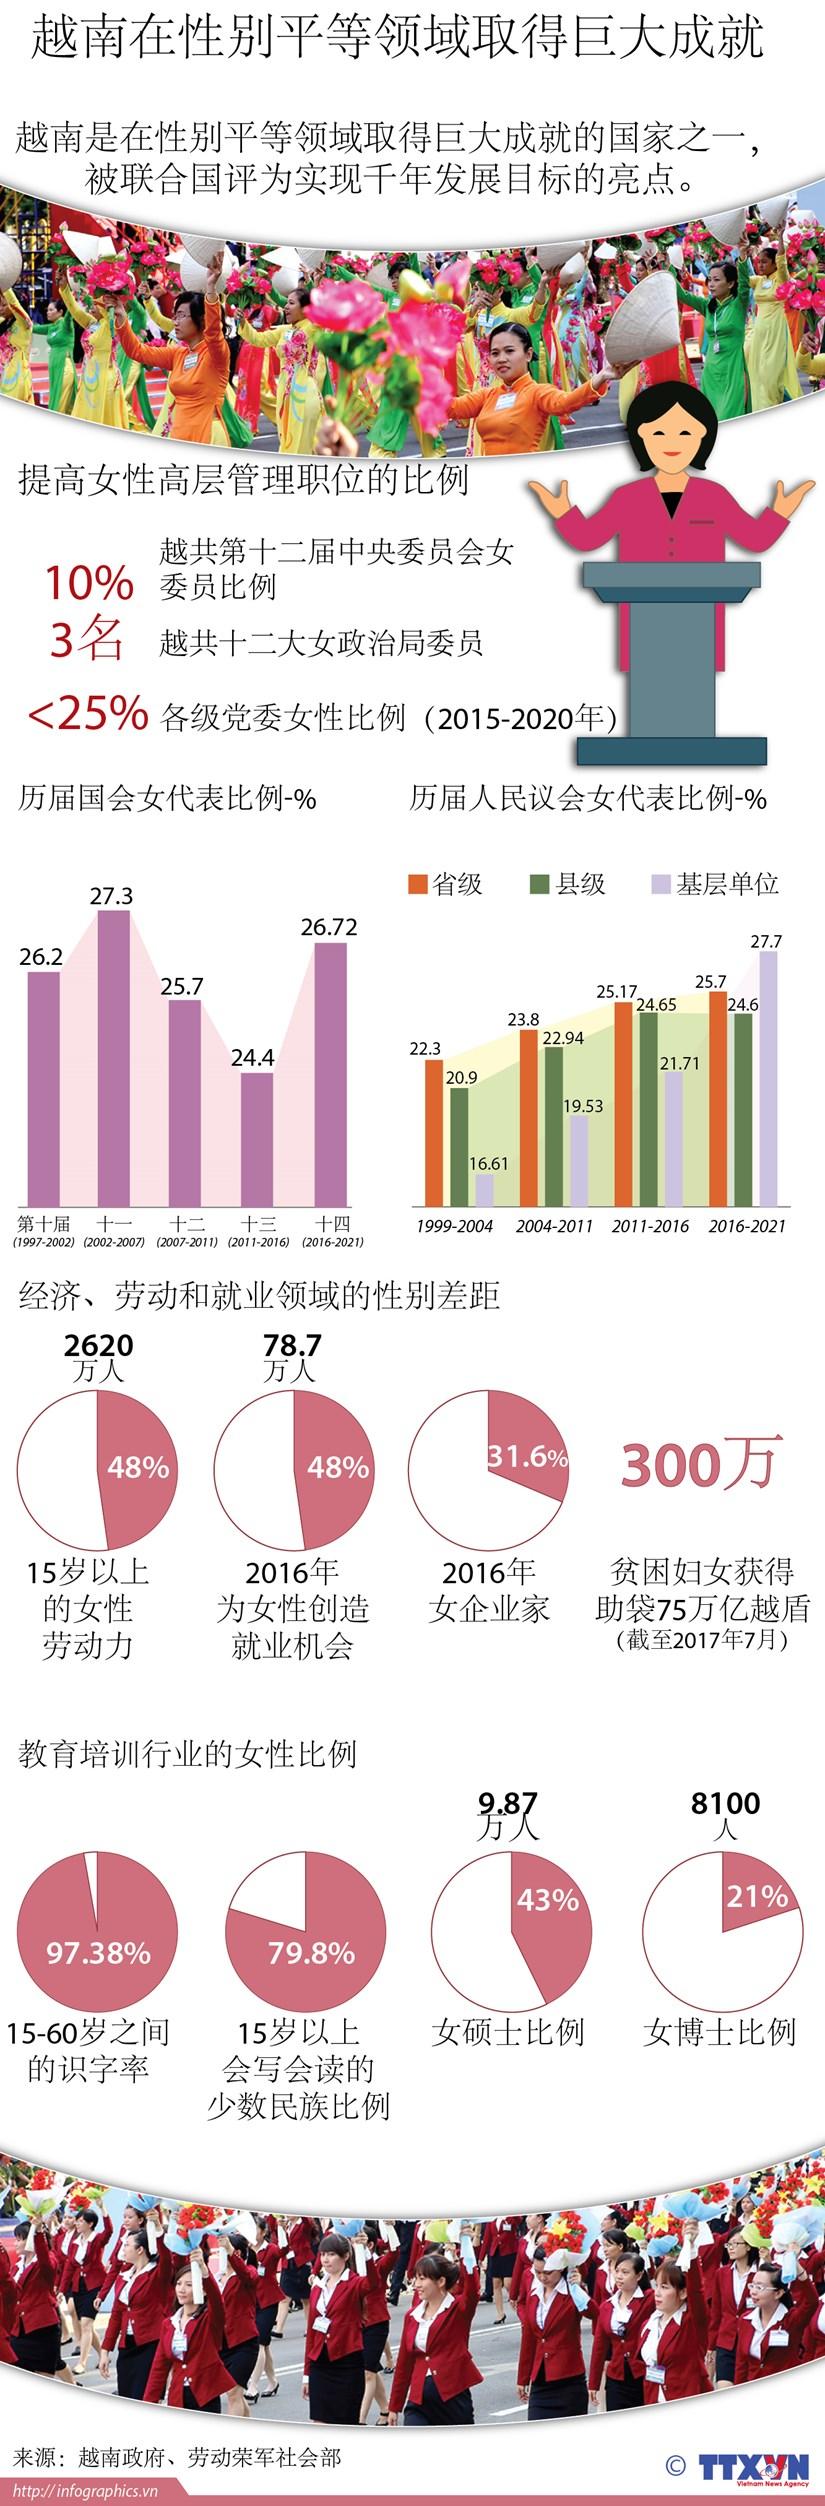 图表新闻:越南在性别平等领域取得巨大成就 hinh anh 1